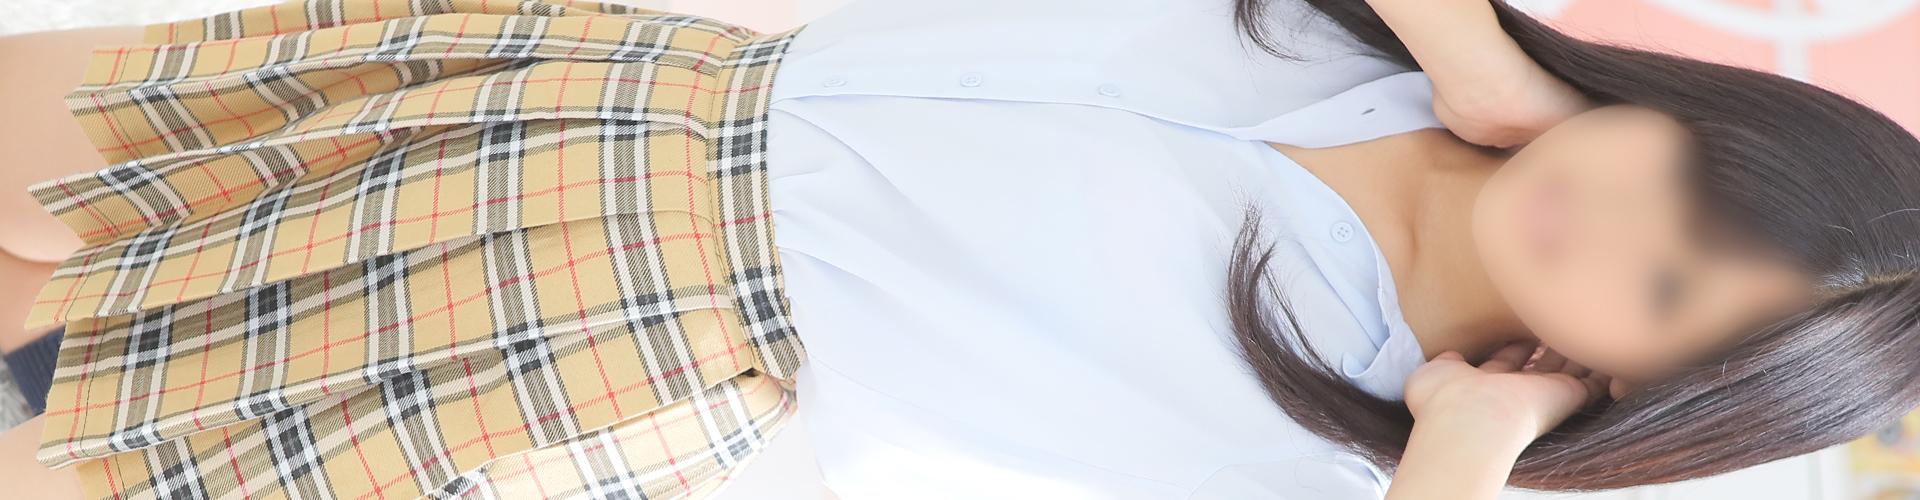 錦糸町デリヘル風俗|錦糸町 小岩 デリバリーヘルス【キャンパスサミット錦糸町店】モデルみう写真